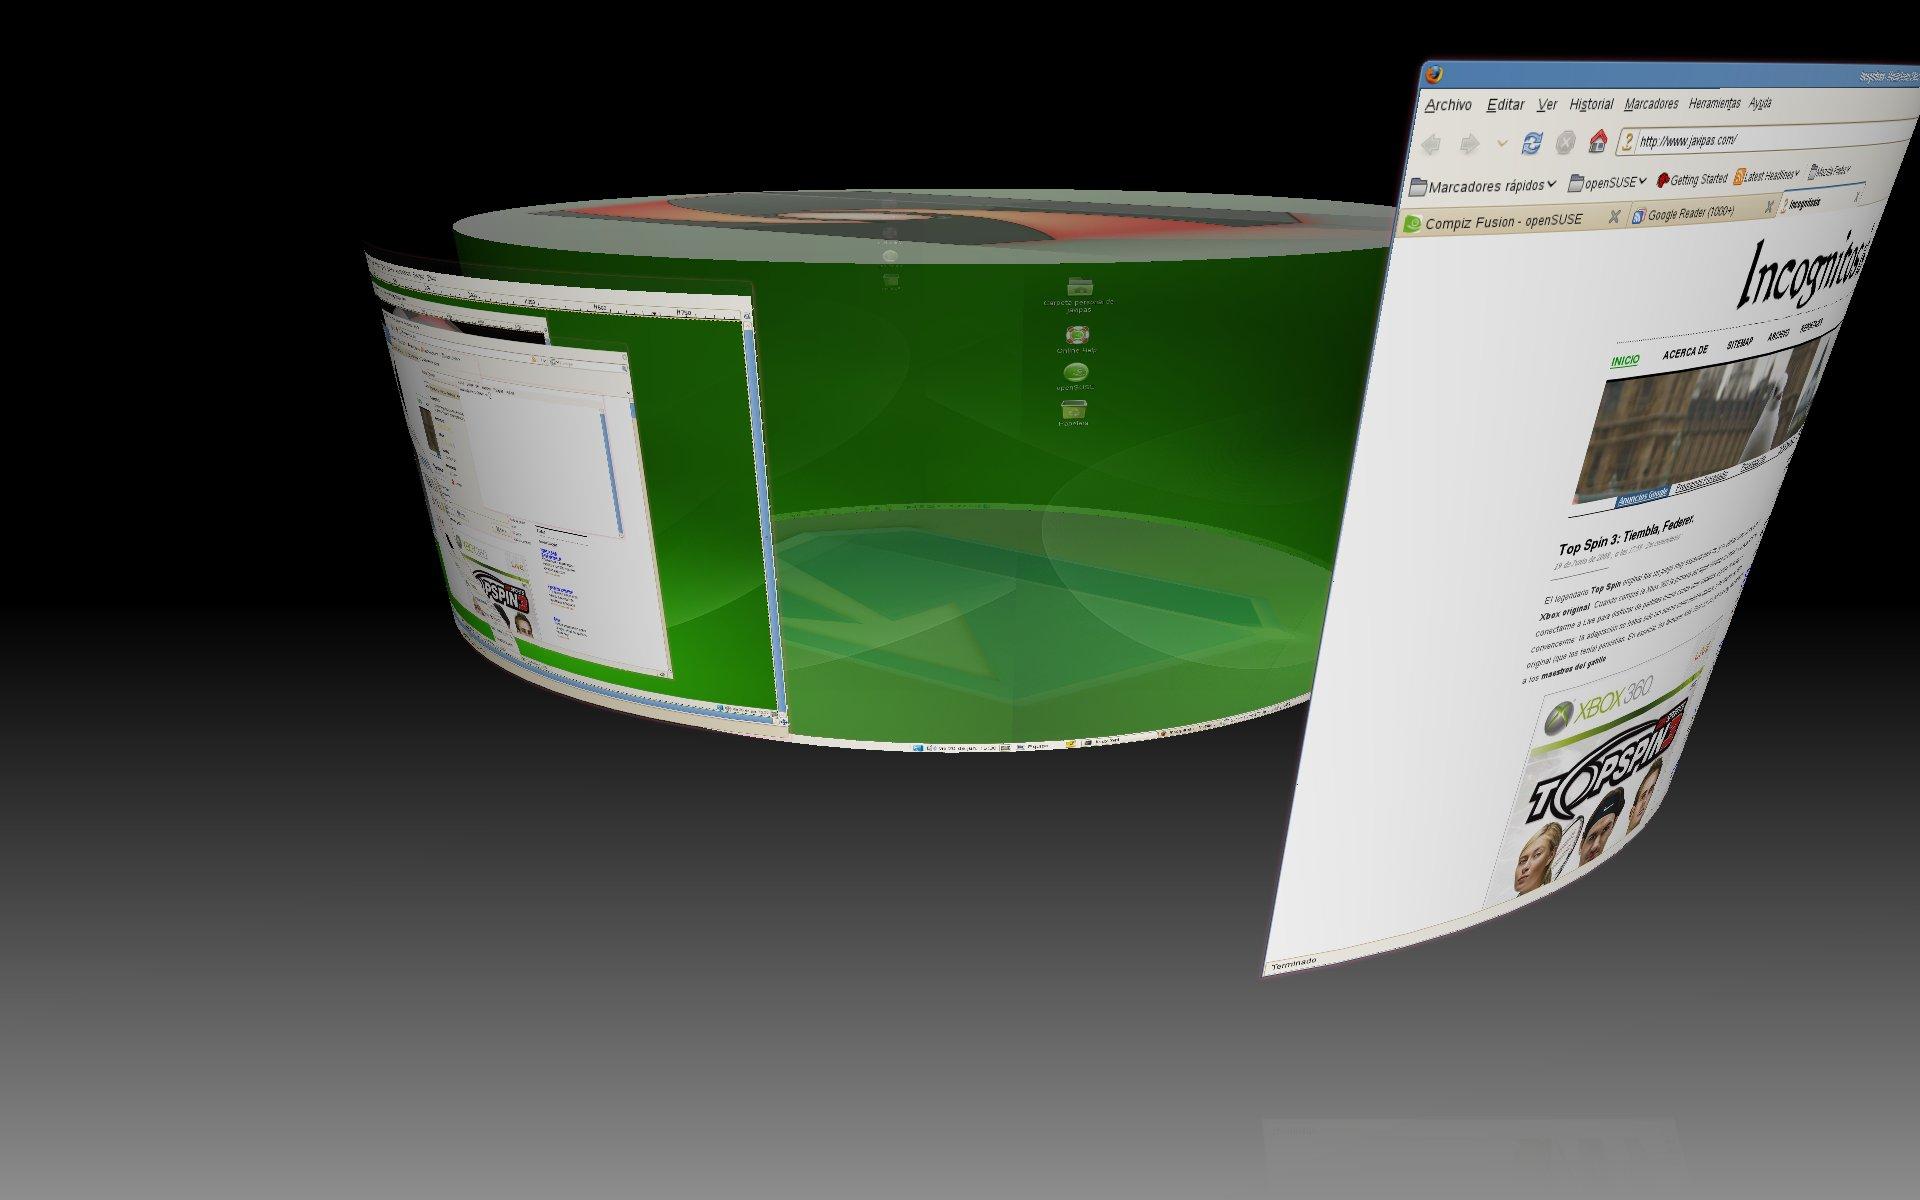 opensuse-110-compiz-fusion-2